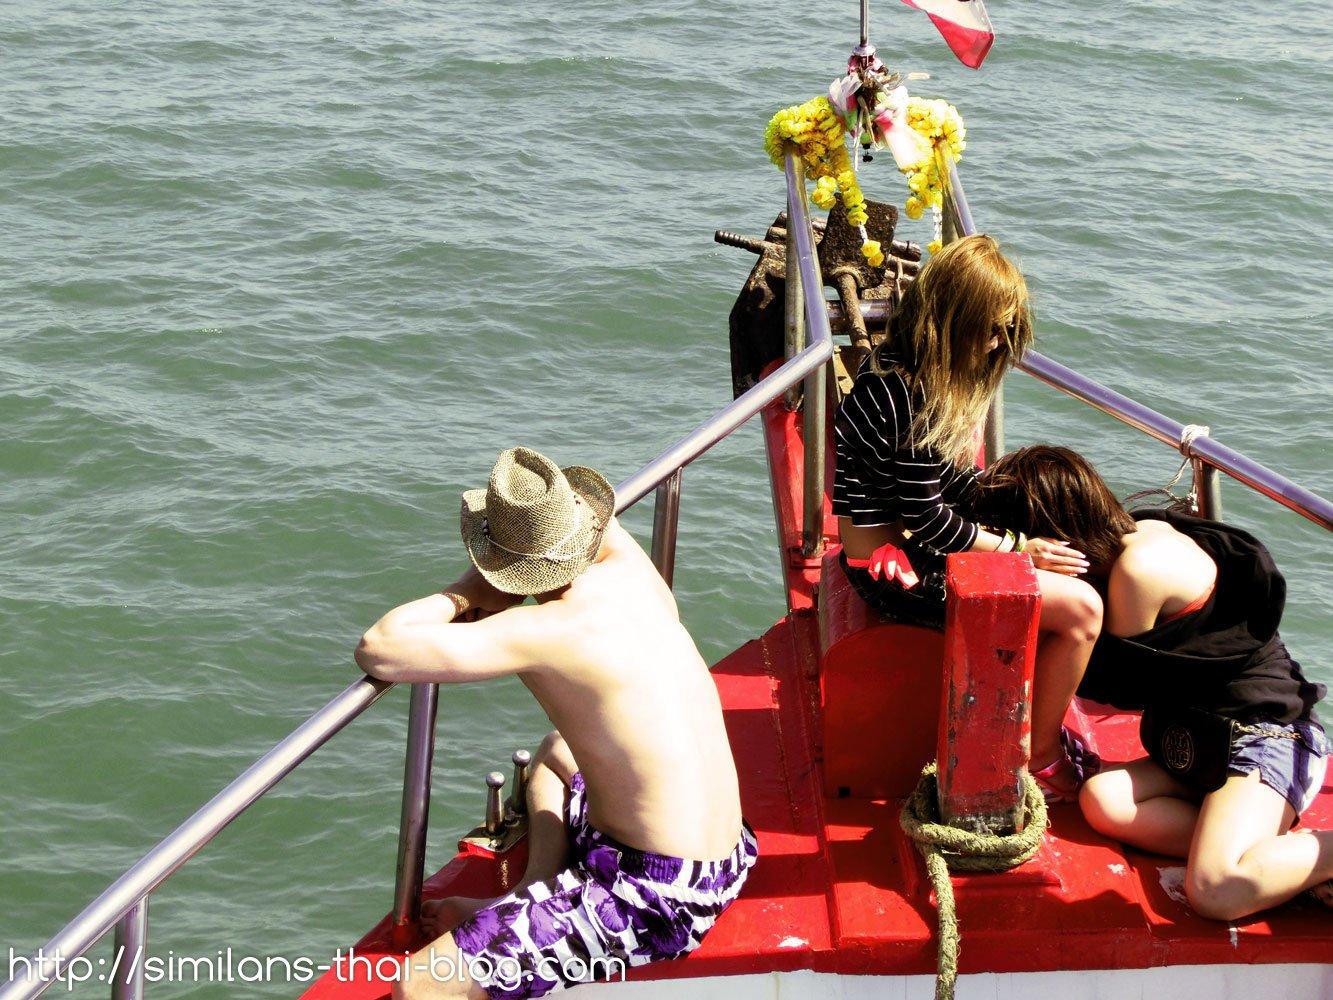 weird-sex-tourists-girls